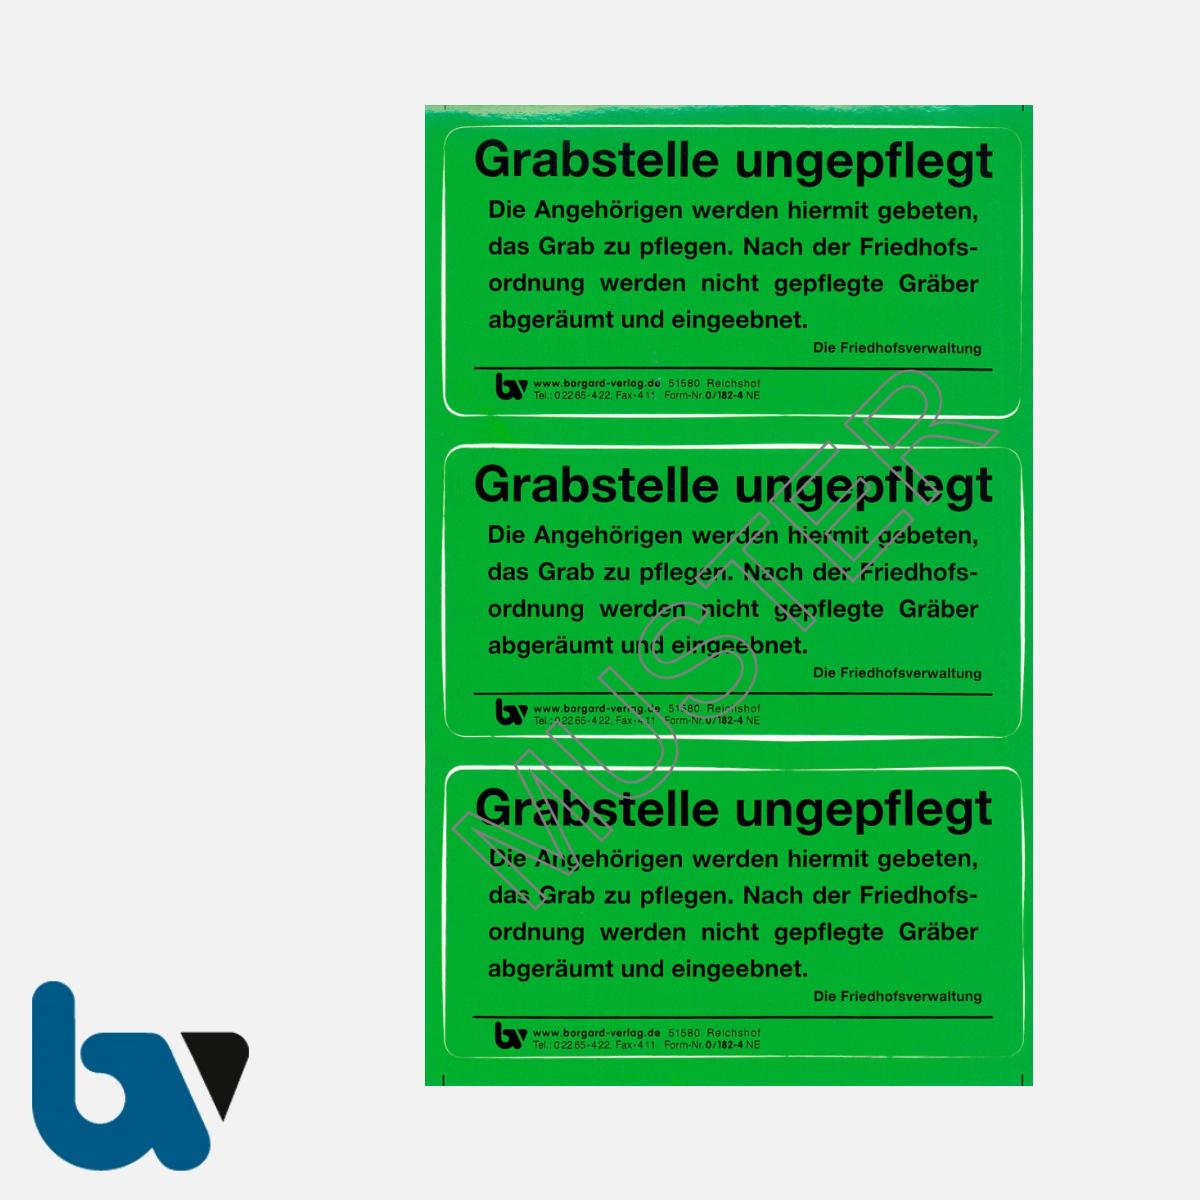 0/182-4 Grab Aufkleber Grabstelle ungepflegt Angehörige Aufforderung Pflege Friedhof Verwaltung grün PVC Folie selbstklebend | Borgard Verlag GmbH